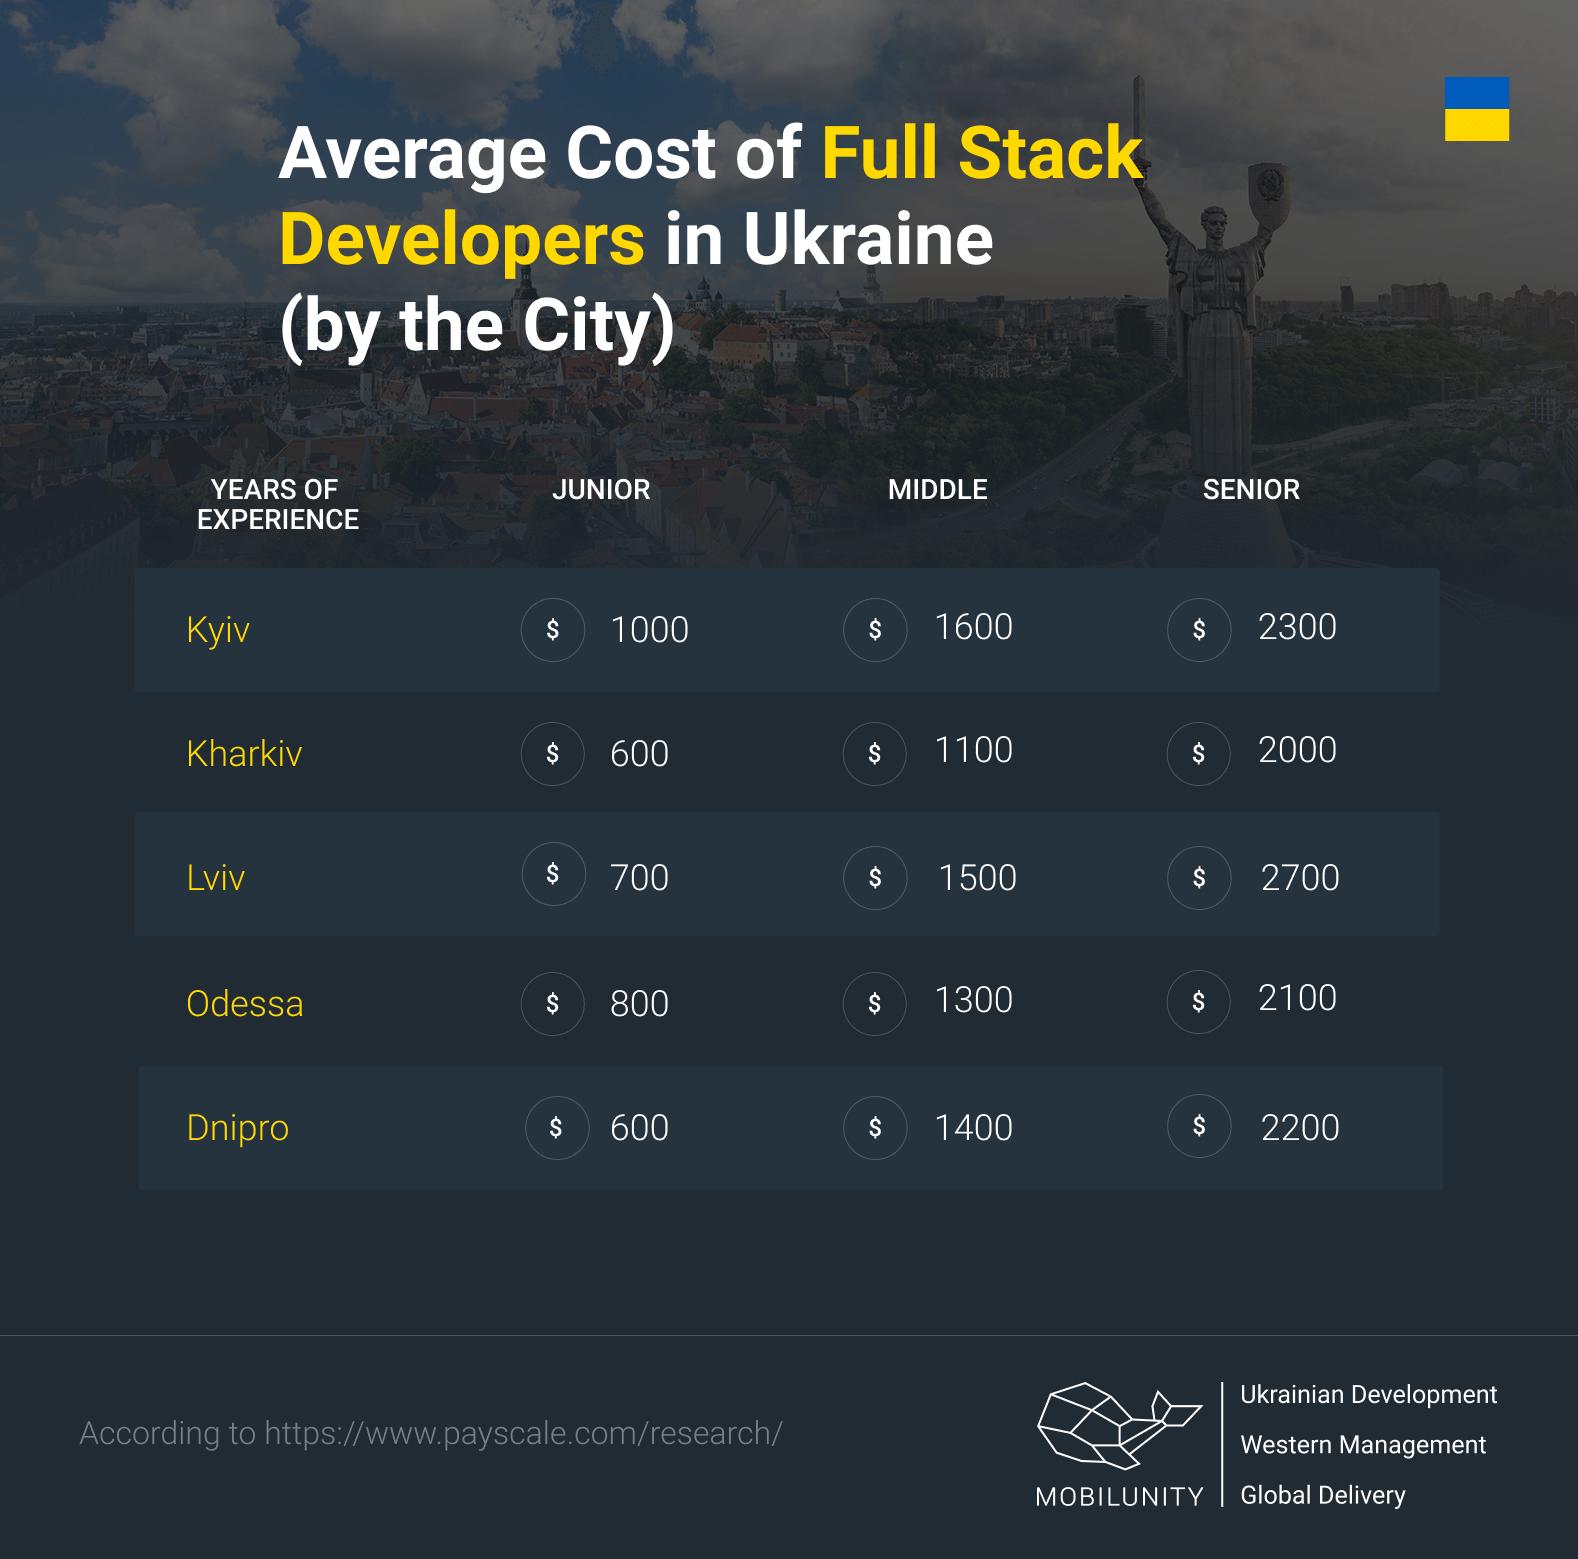 Full stack developer salary in Ukraine